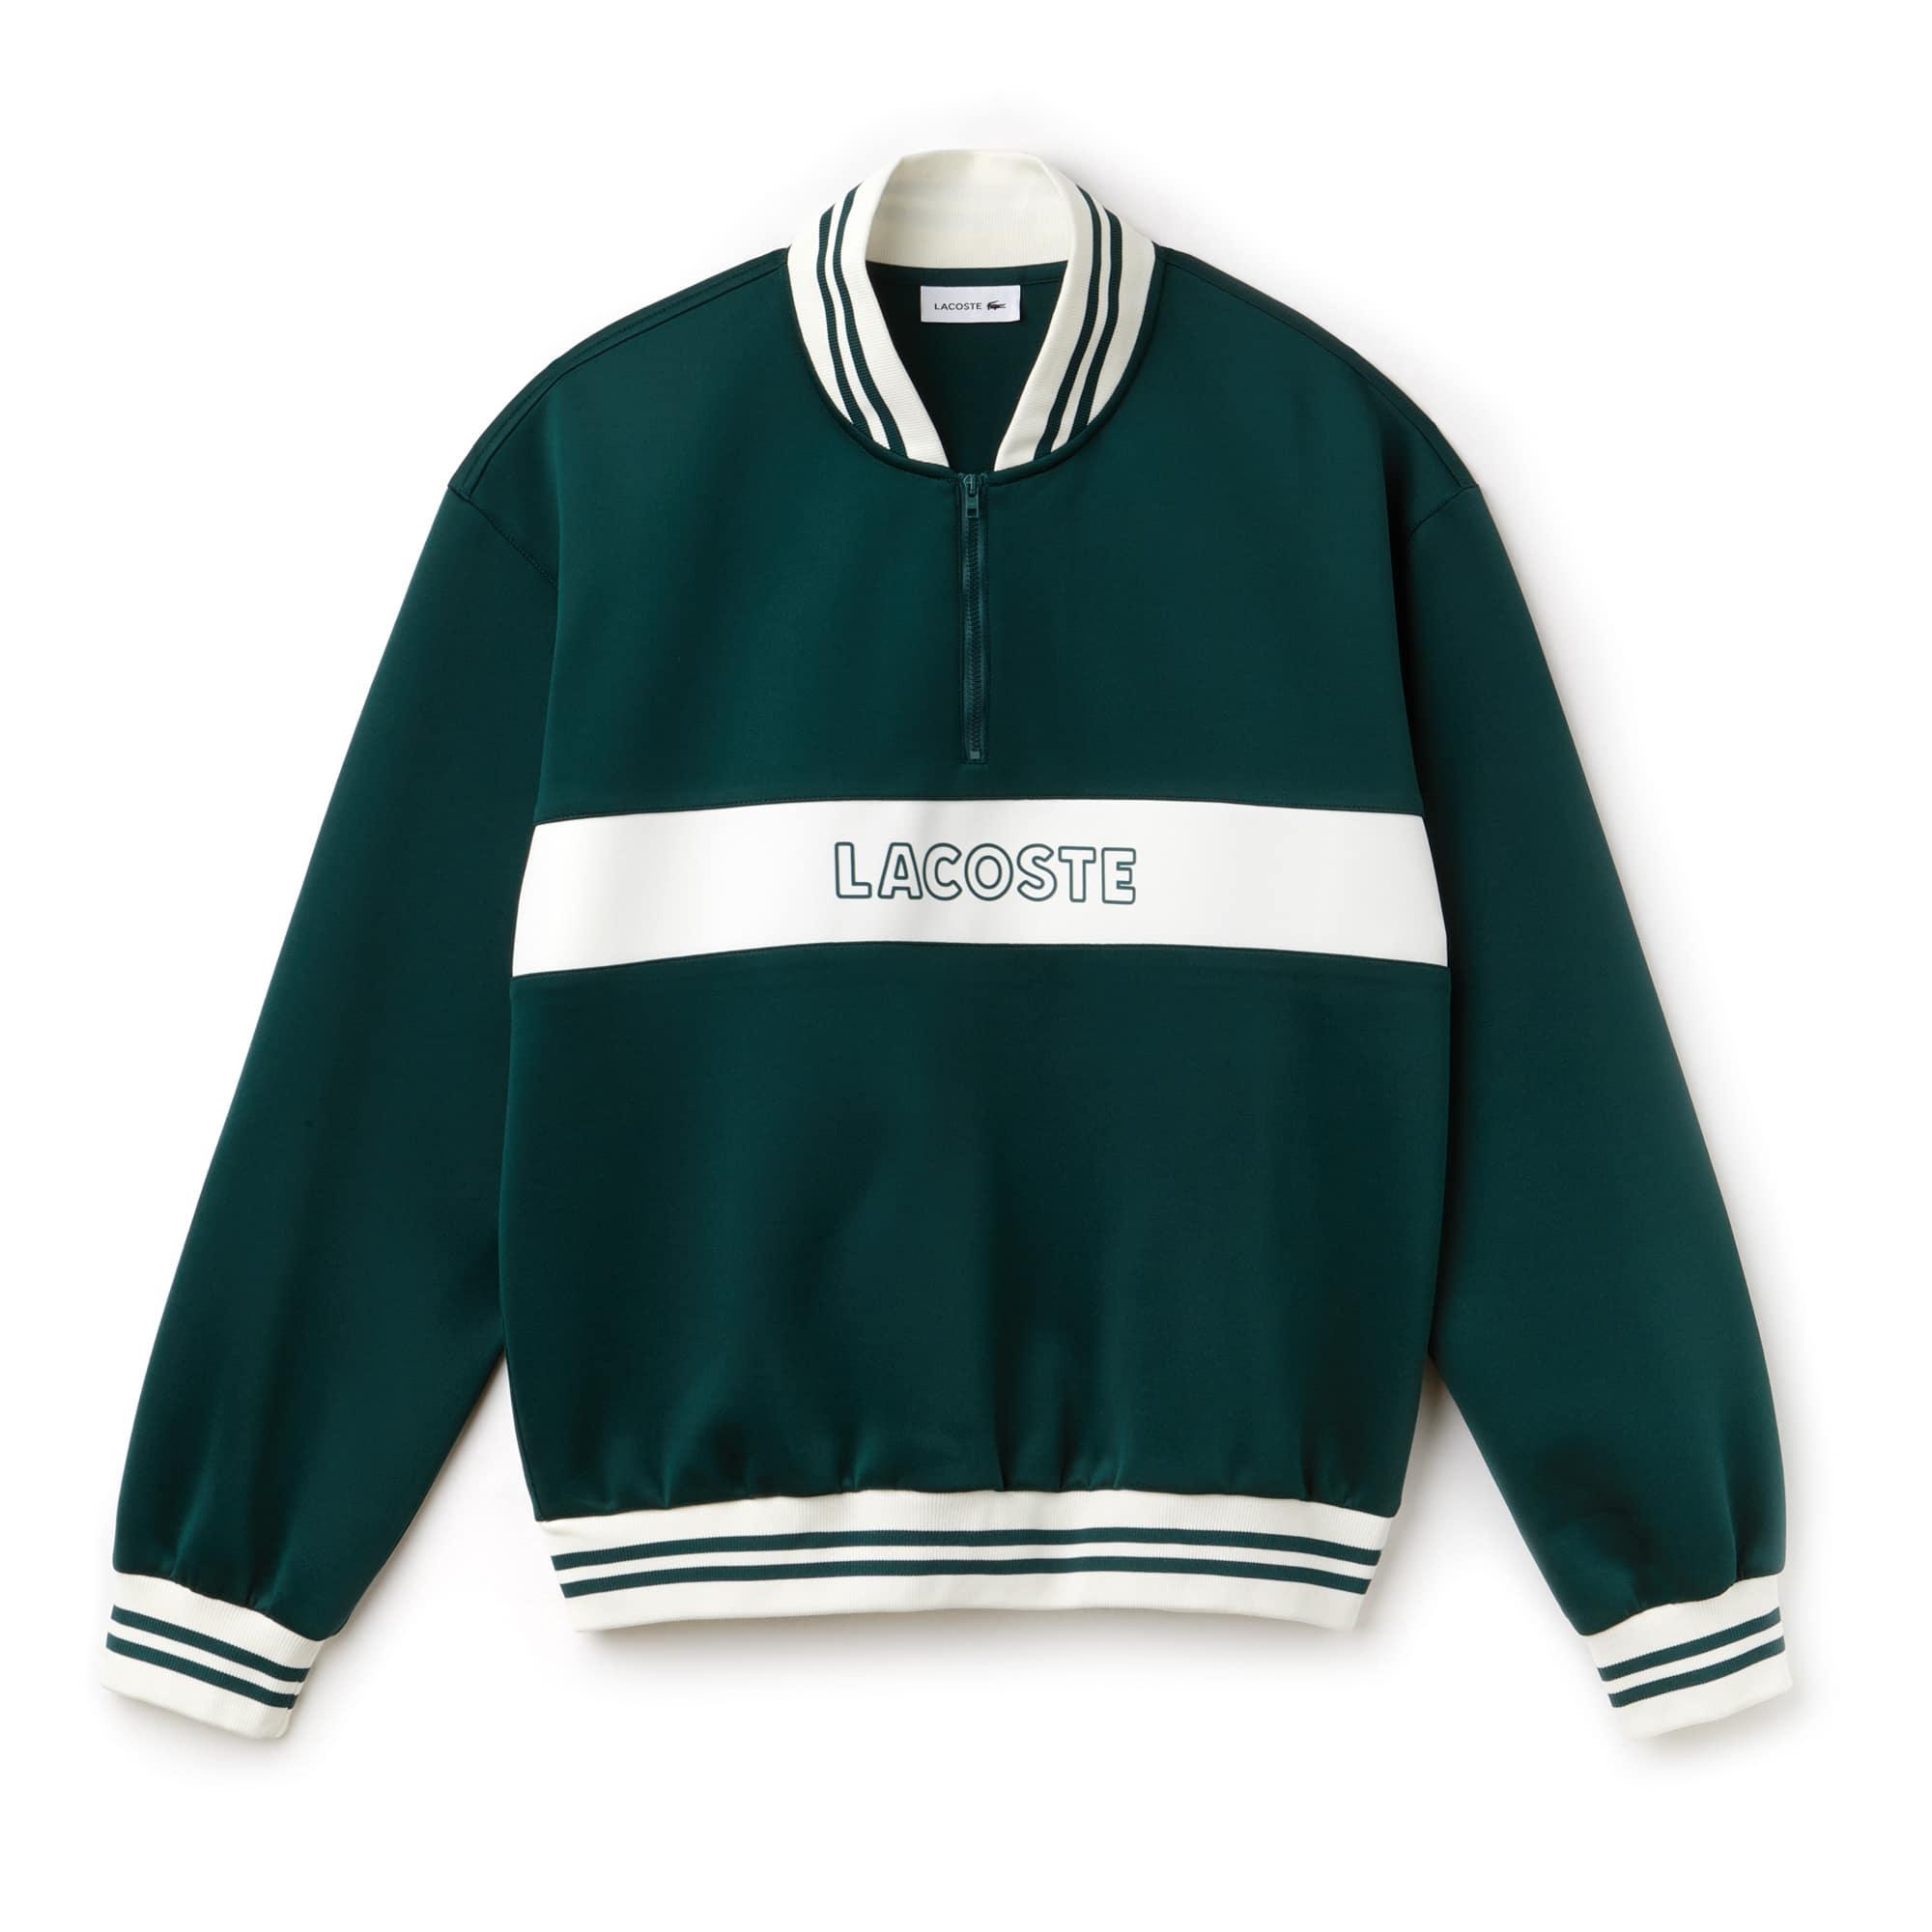 Herren Neopren-Sweatshirt aus der Fashion Show Kollektion